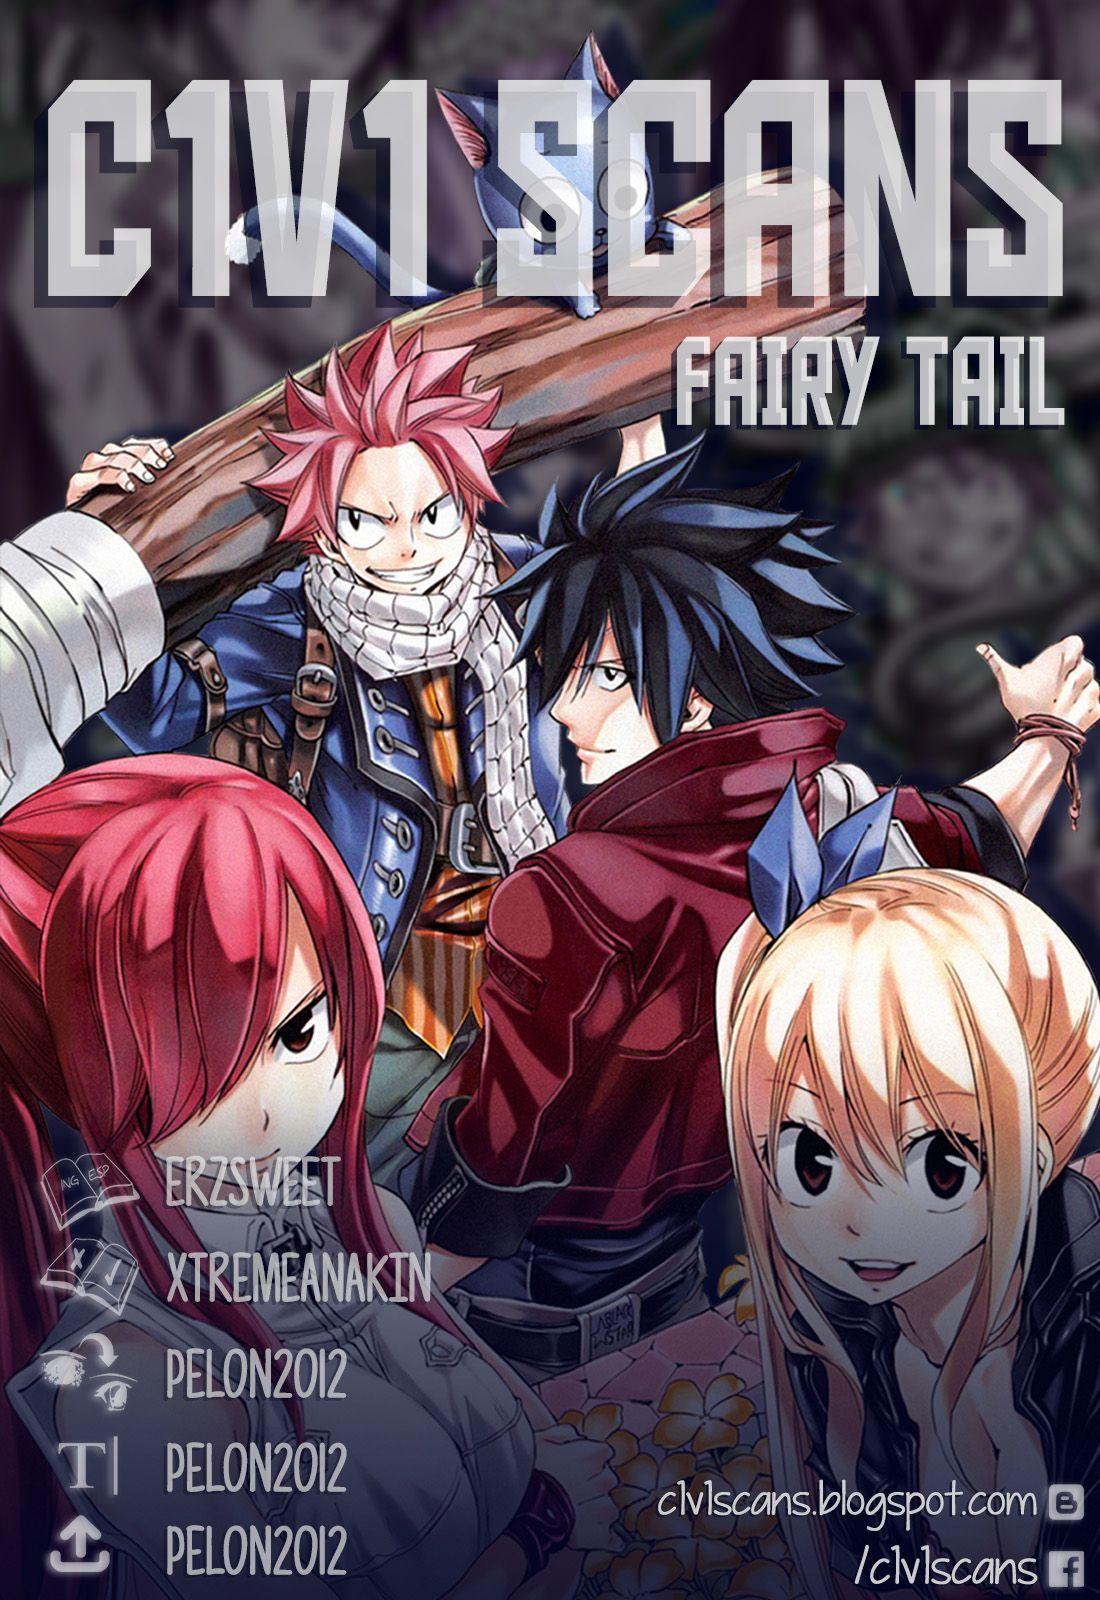 http://c5.ninemanga.com/es_manga/14/78/453723/89c86ad4bb118af4b7d49925b1b319e1.jpg Page 2